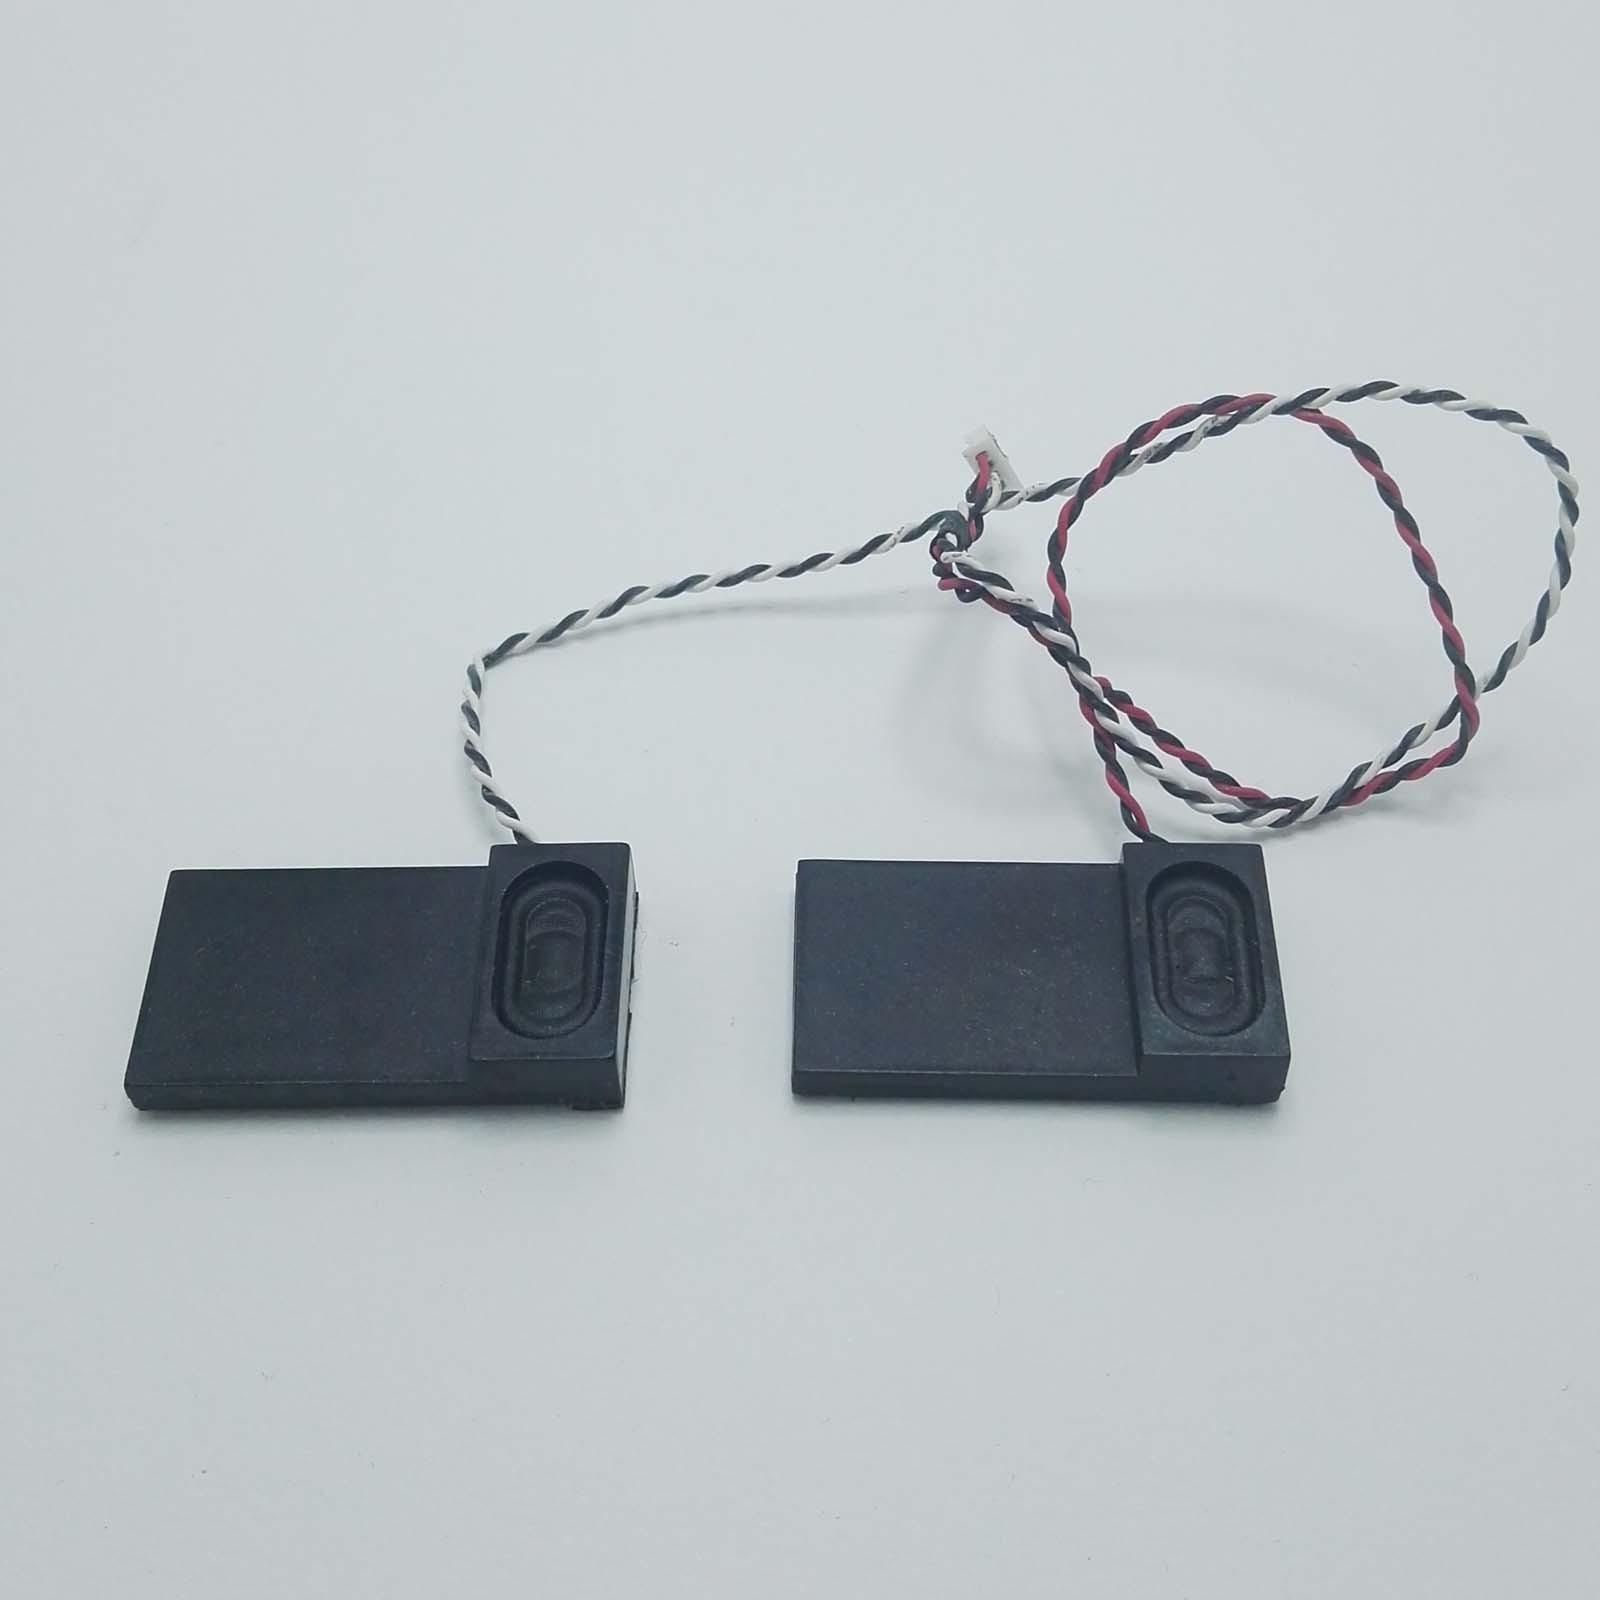 Casse originali Samsung N150 NP-N150 speaker ea96-04233a volume altoparlanti